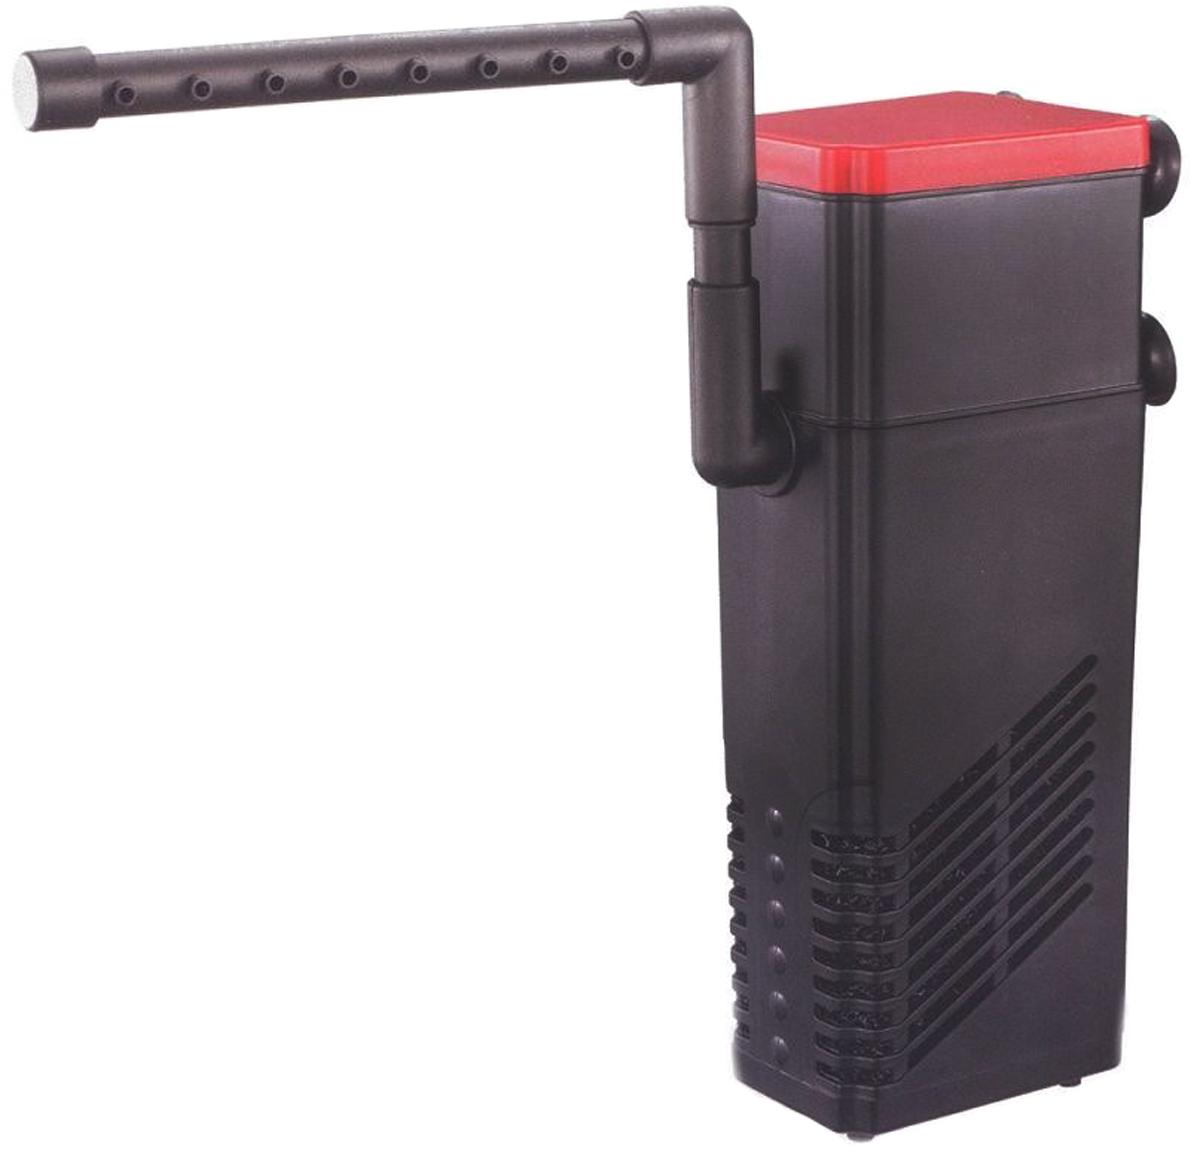 Внутренний фильтр Xilong Xl-f131 15 Вт, 1200 л/ч, для аквариумов объемом 130 л (1 шт) внутренний фильтр xilong xl f280 30 вт 1800 л ч для аквариумов объемом до 400 л 1 шт